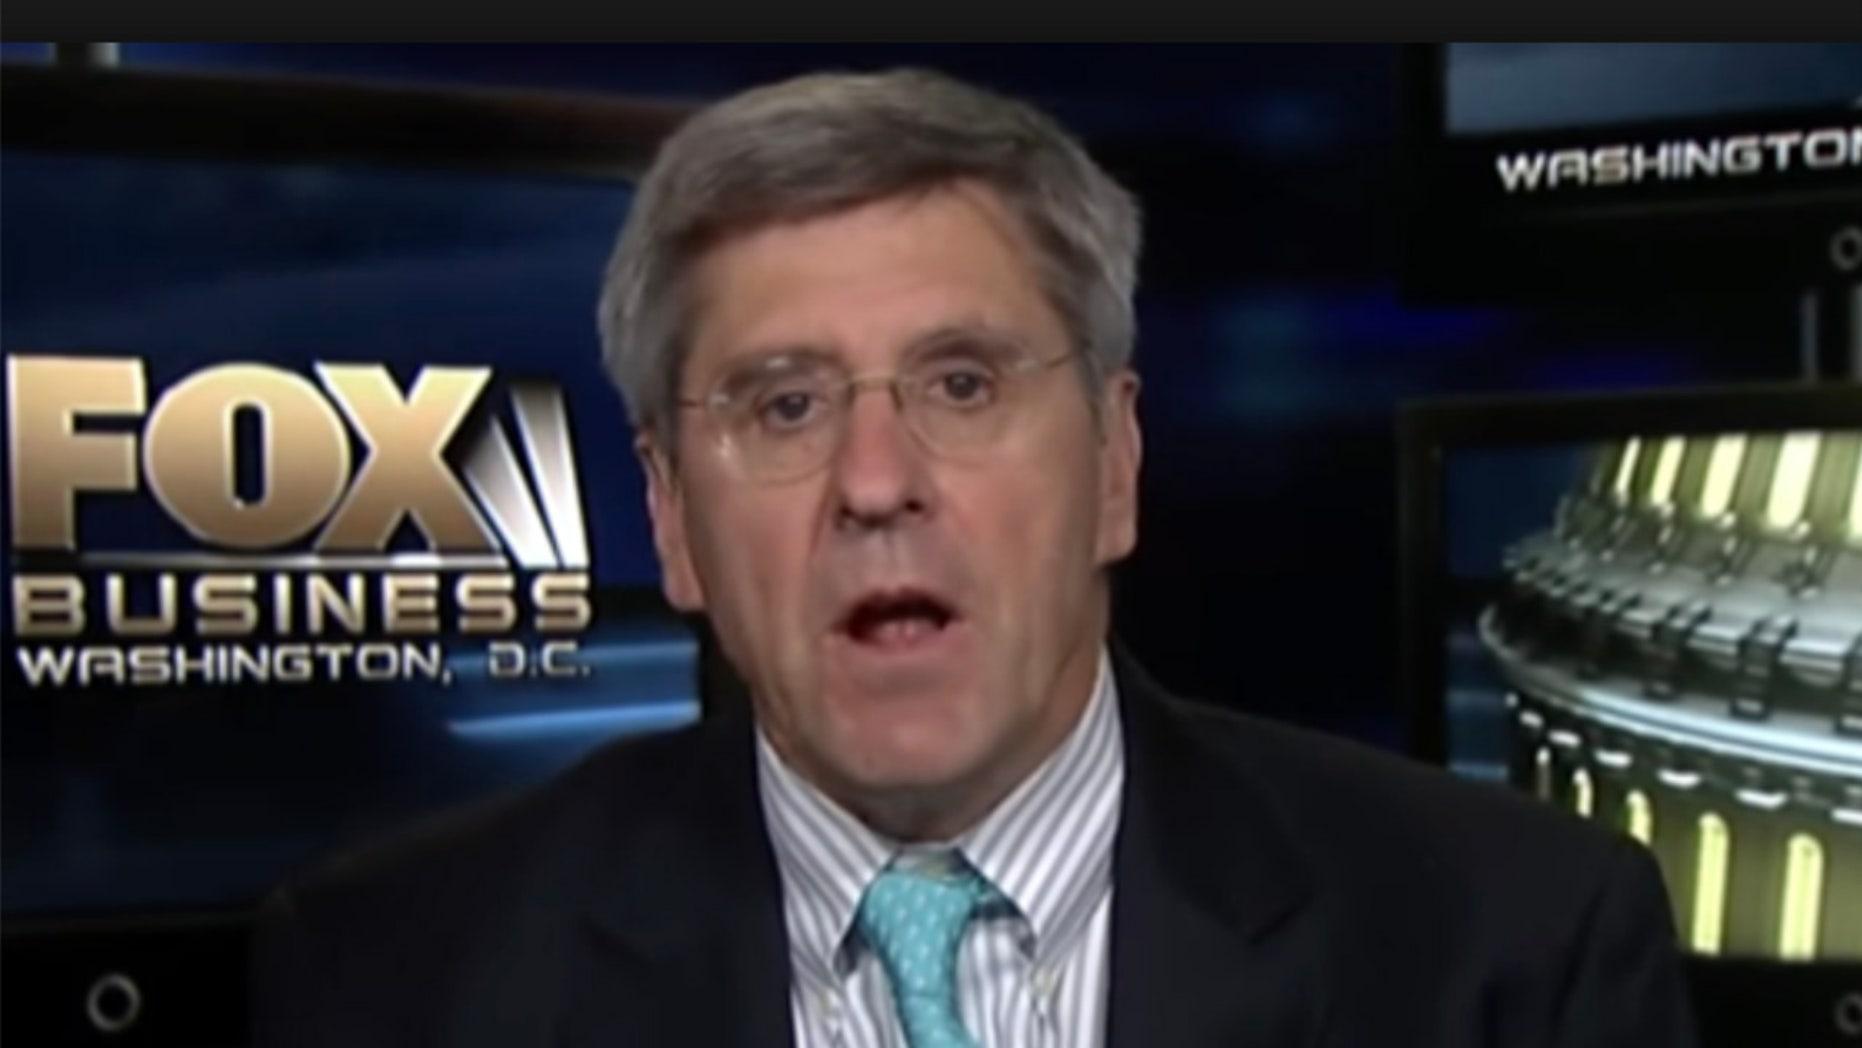 https://a57.foxnews.com/a57.foxnews.com/static.foxnews.com/foxnews.com/content/uploads/2019/03/640/320/1862/1048/Stephen-Moore.jpg